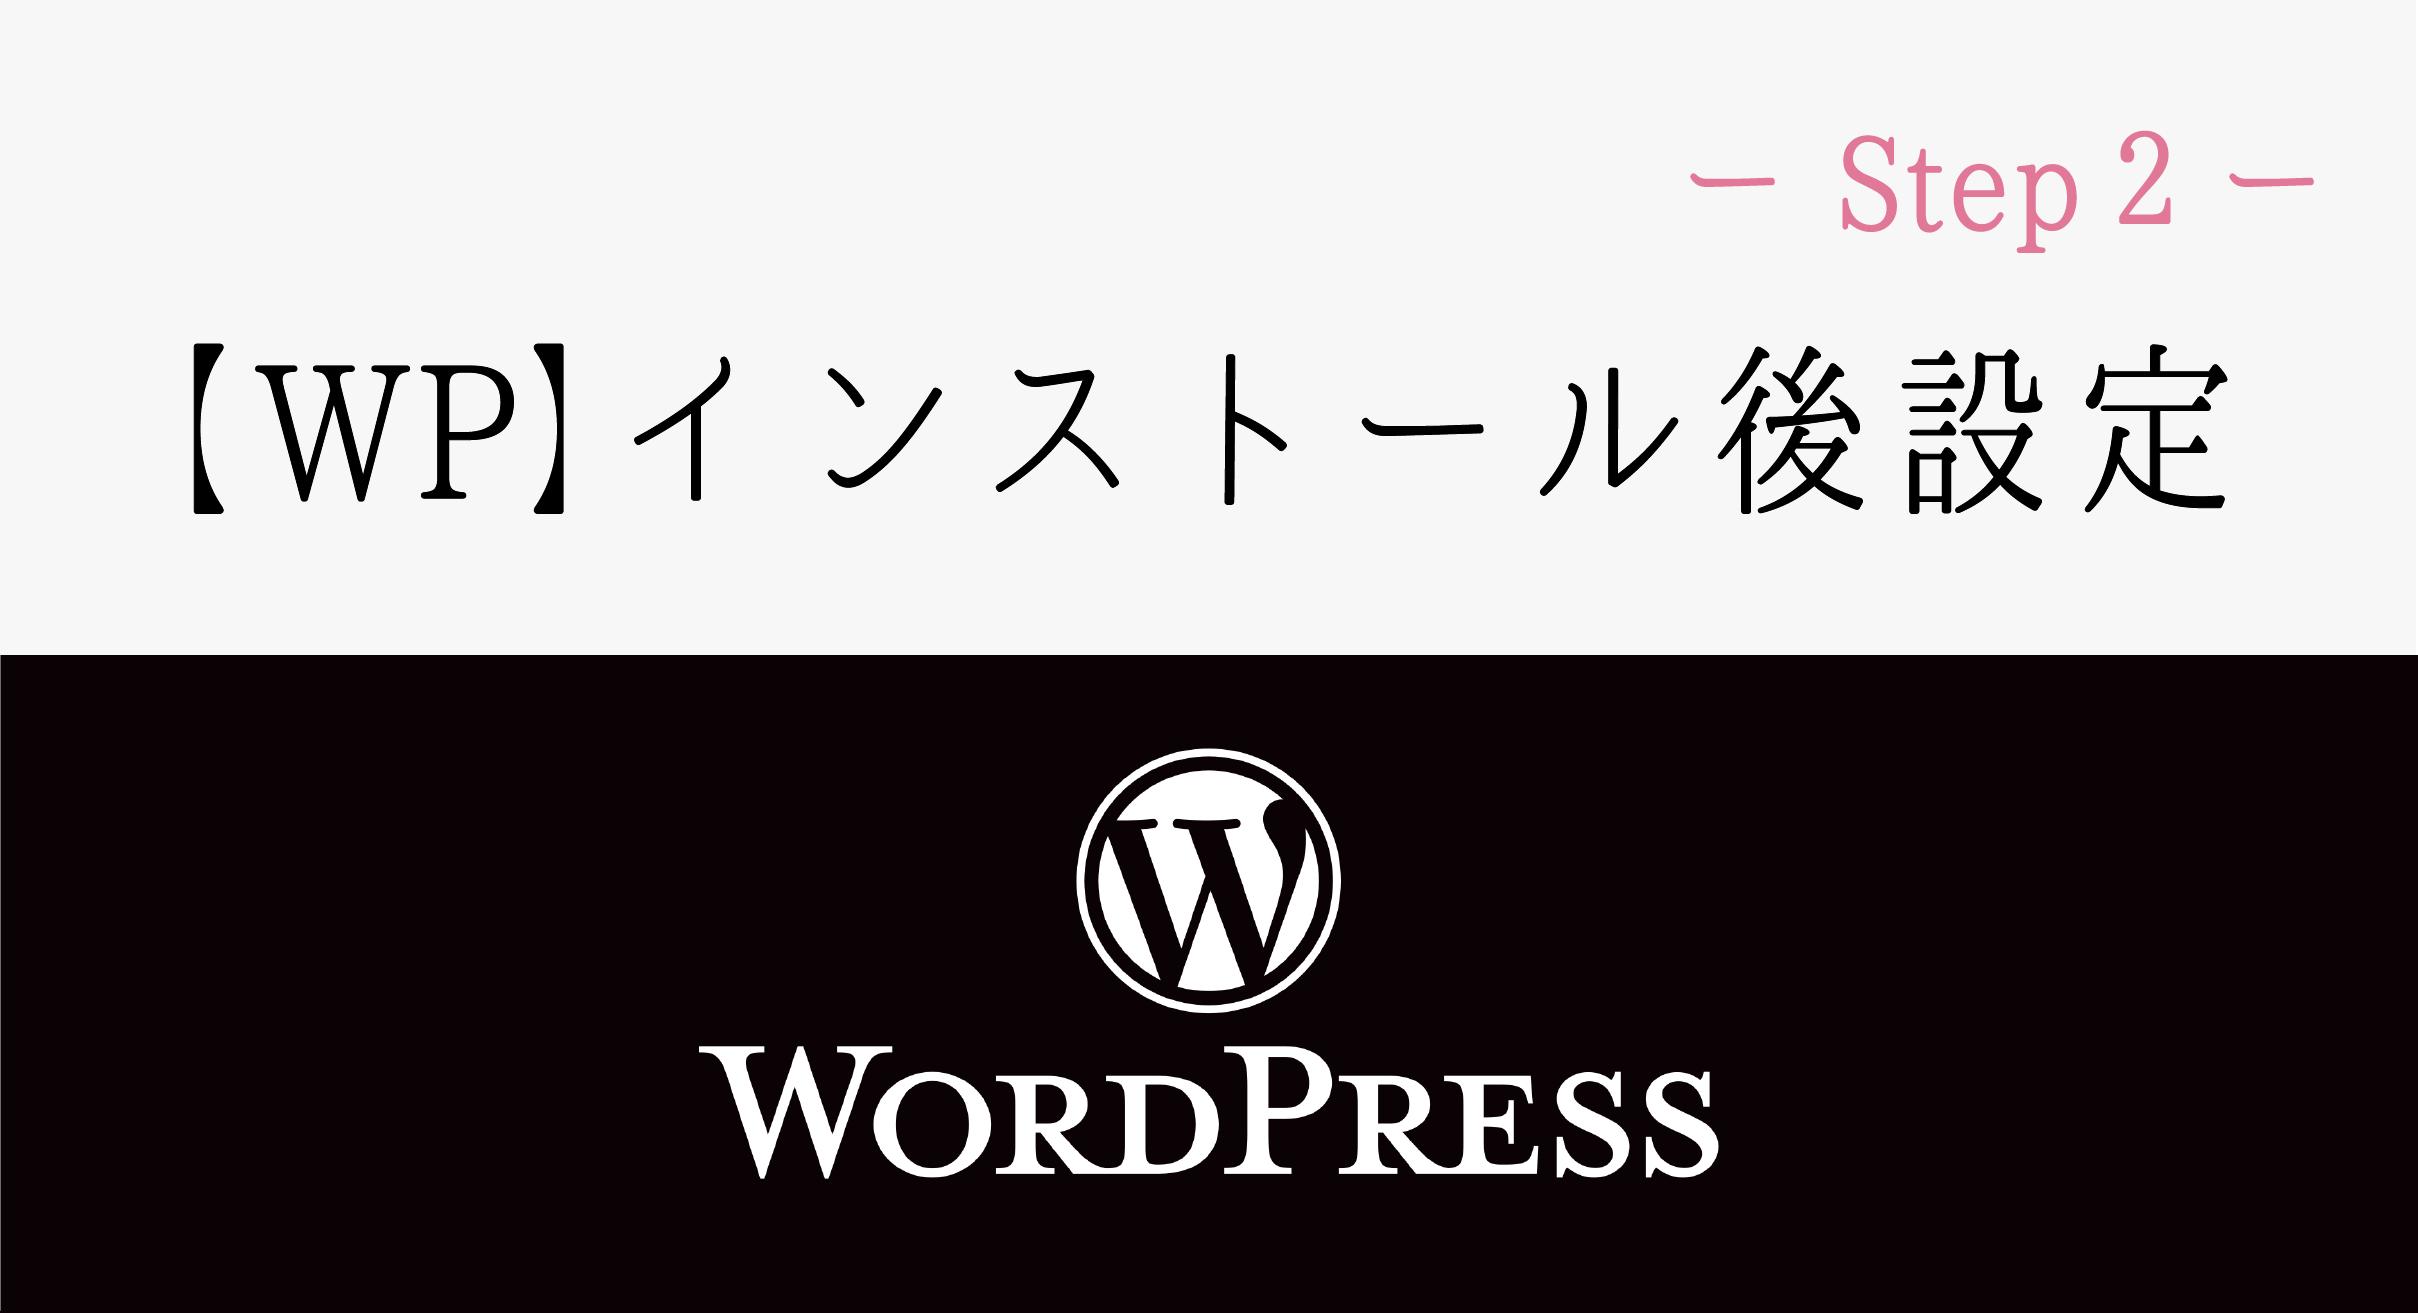 WordPressインストール後の初期設定<全4ステップ>